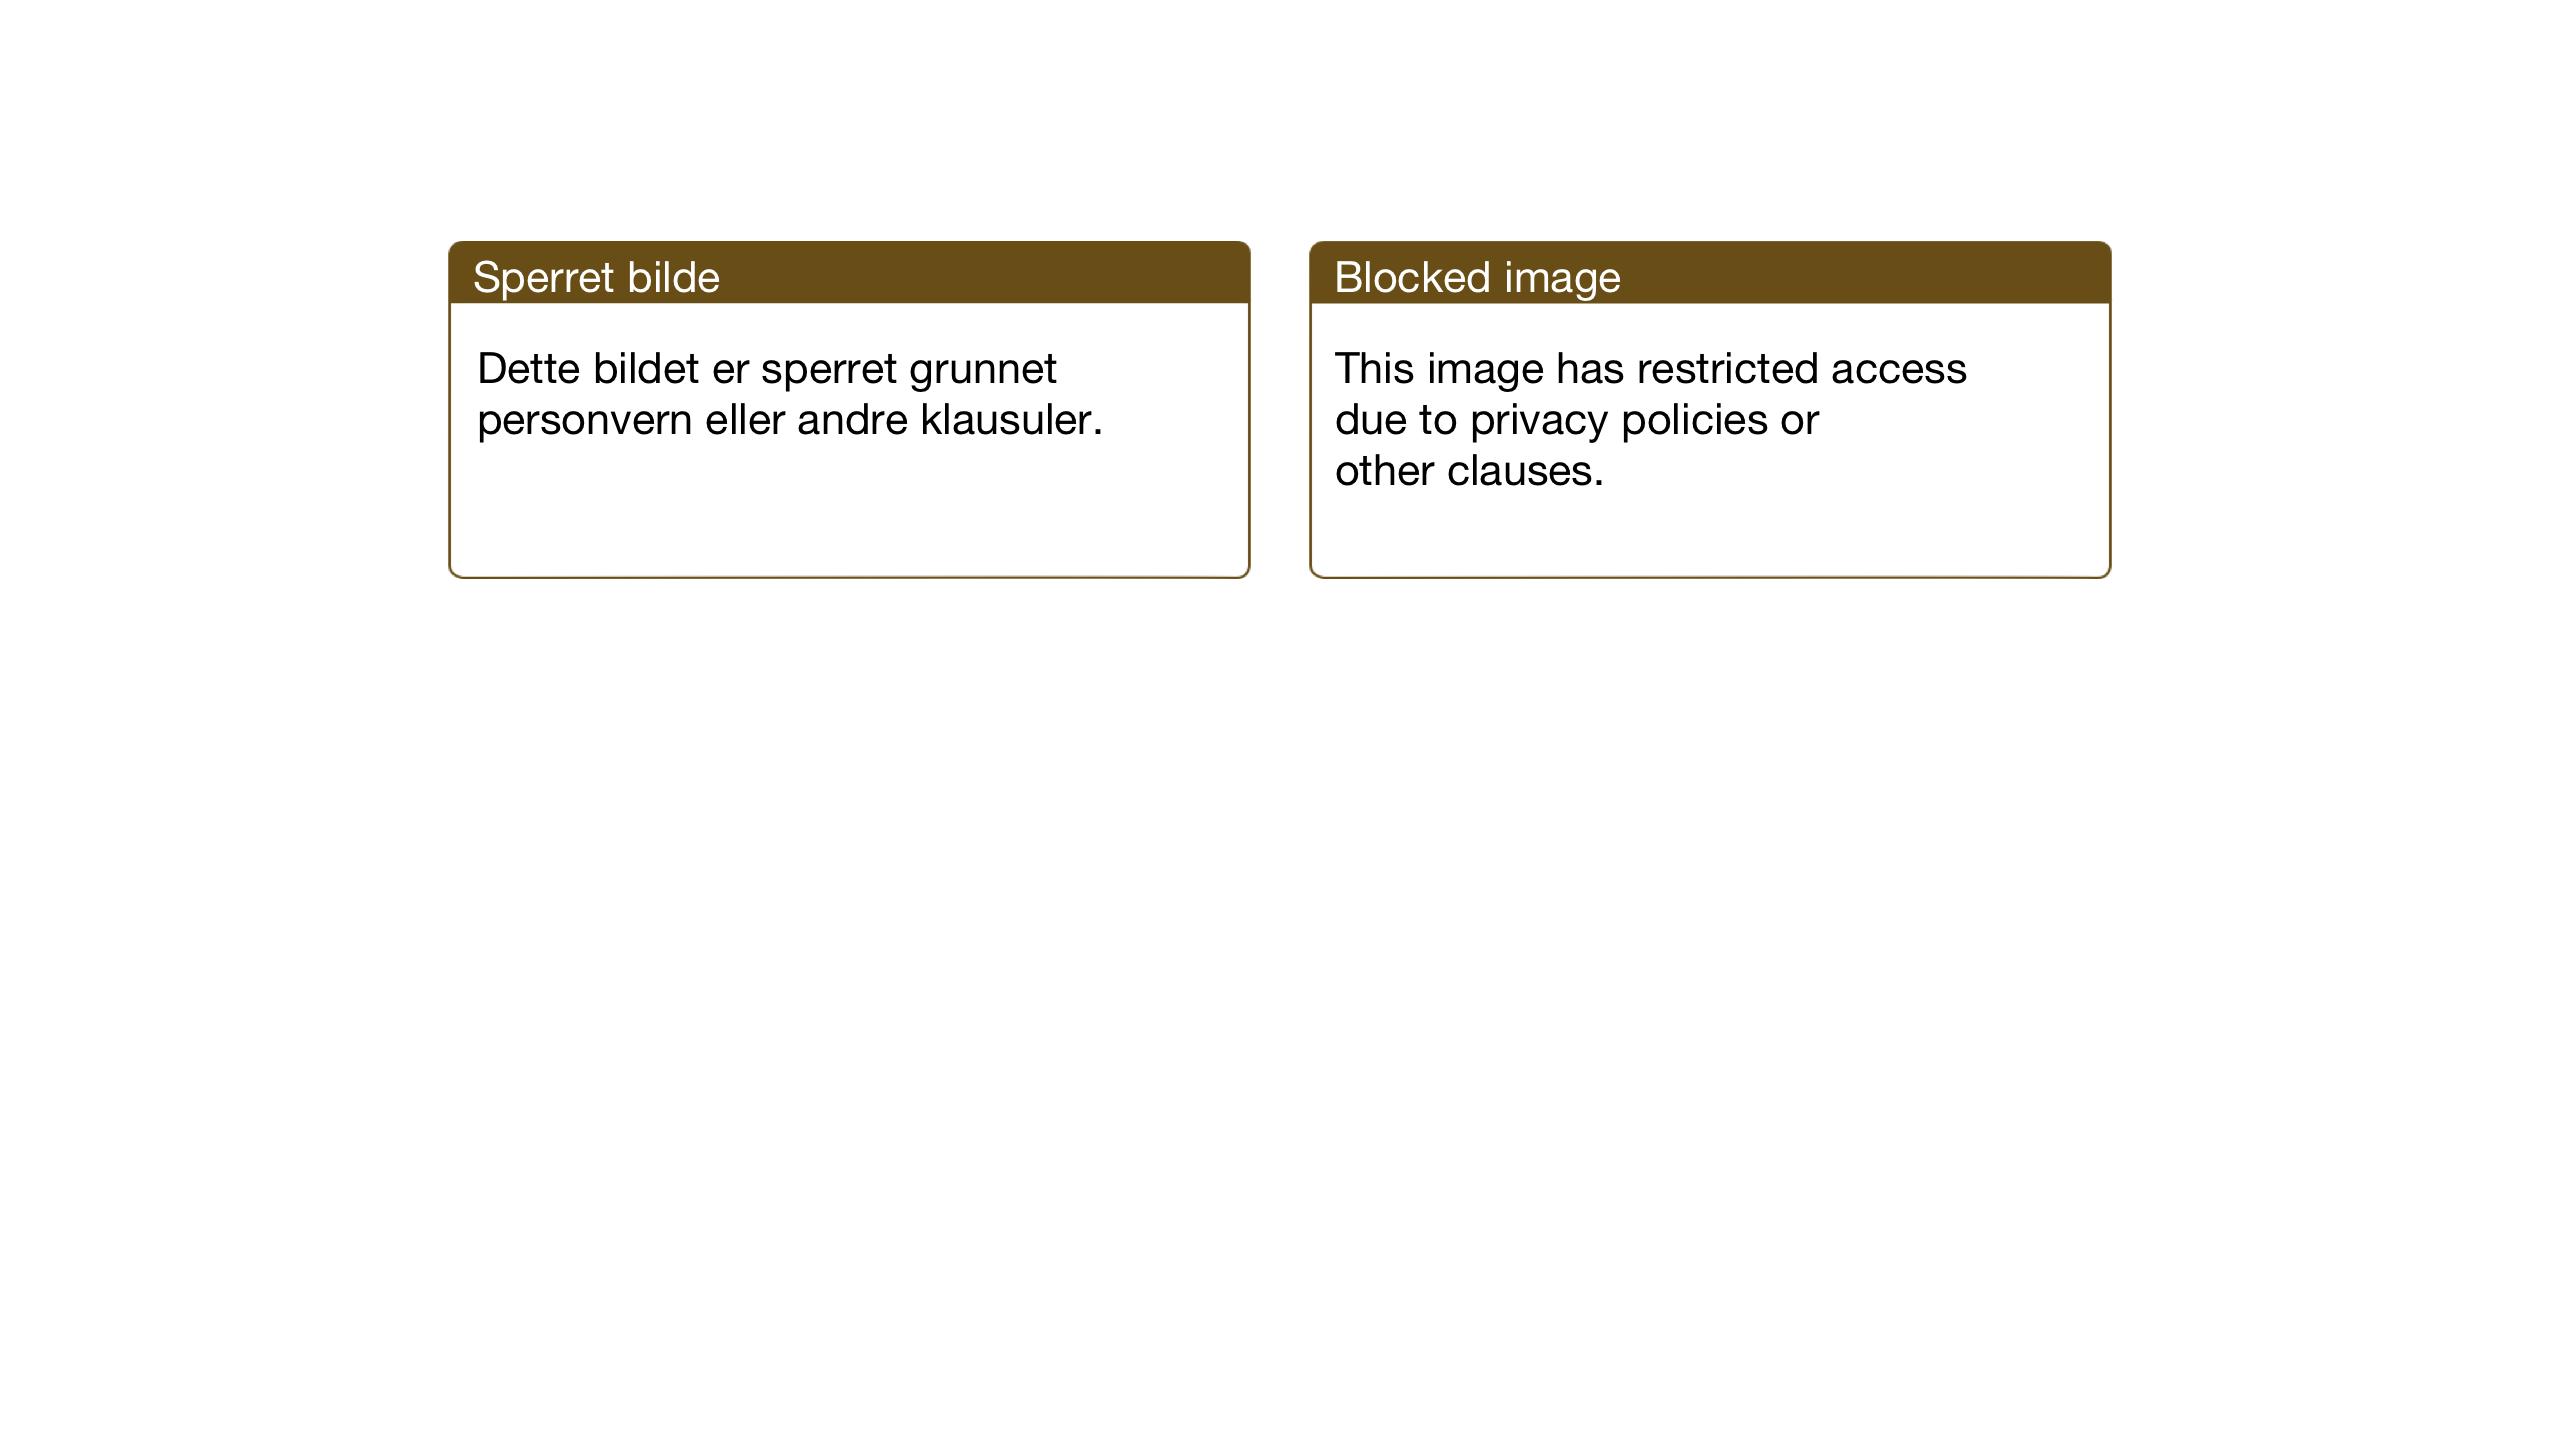 SAT, Ministerialprotokoller, klokkerbøker og fødselsregistre - Sør-Trøndelag, 682/L0947: Klokkerbok nr. 682C01, 1926-1968, s. 12